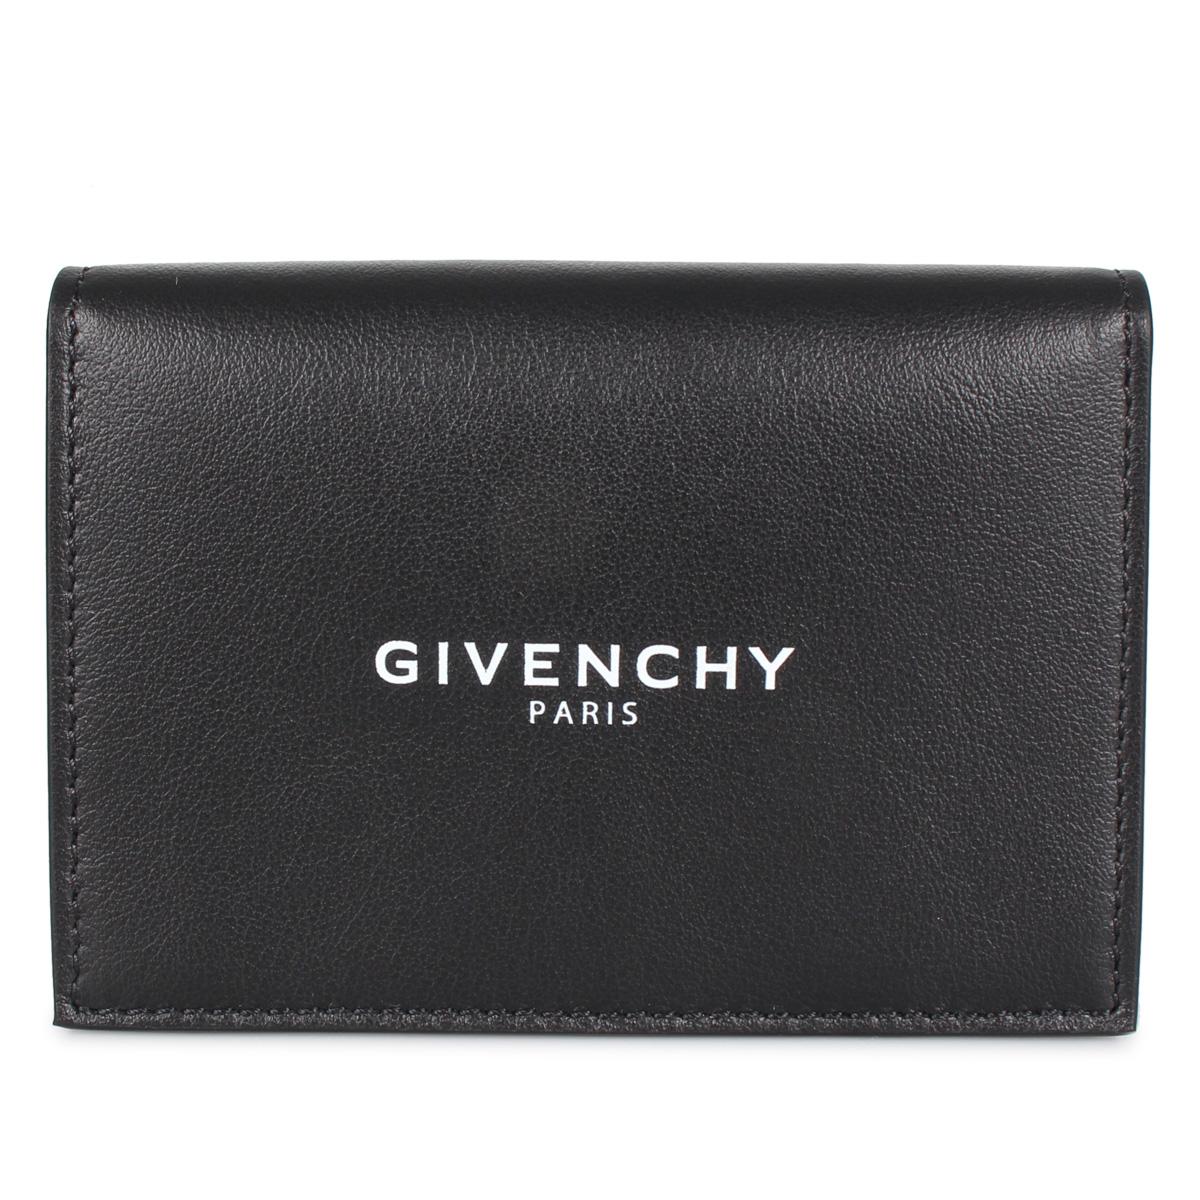 GIVENCHY CARD HOLDER ジバンシィ 名刺入れ カードケース メンズ ブラック 黒 BK6004 [3/9 新入荷]